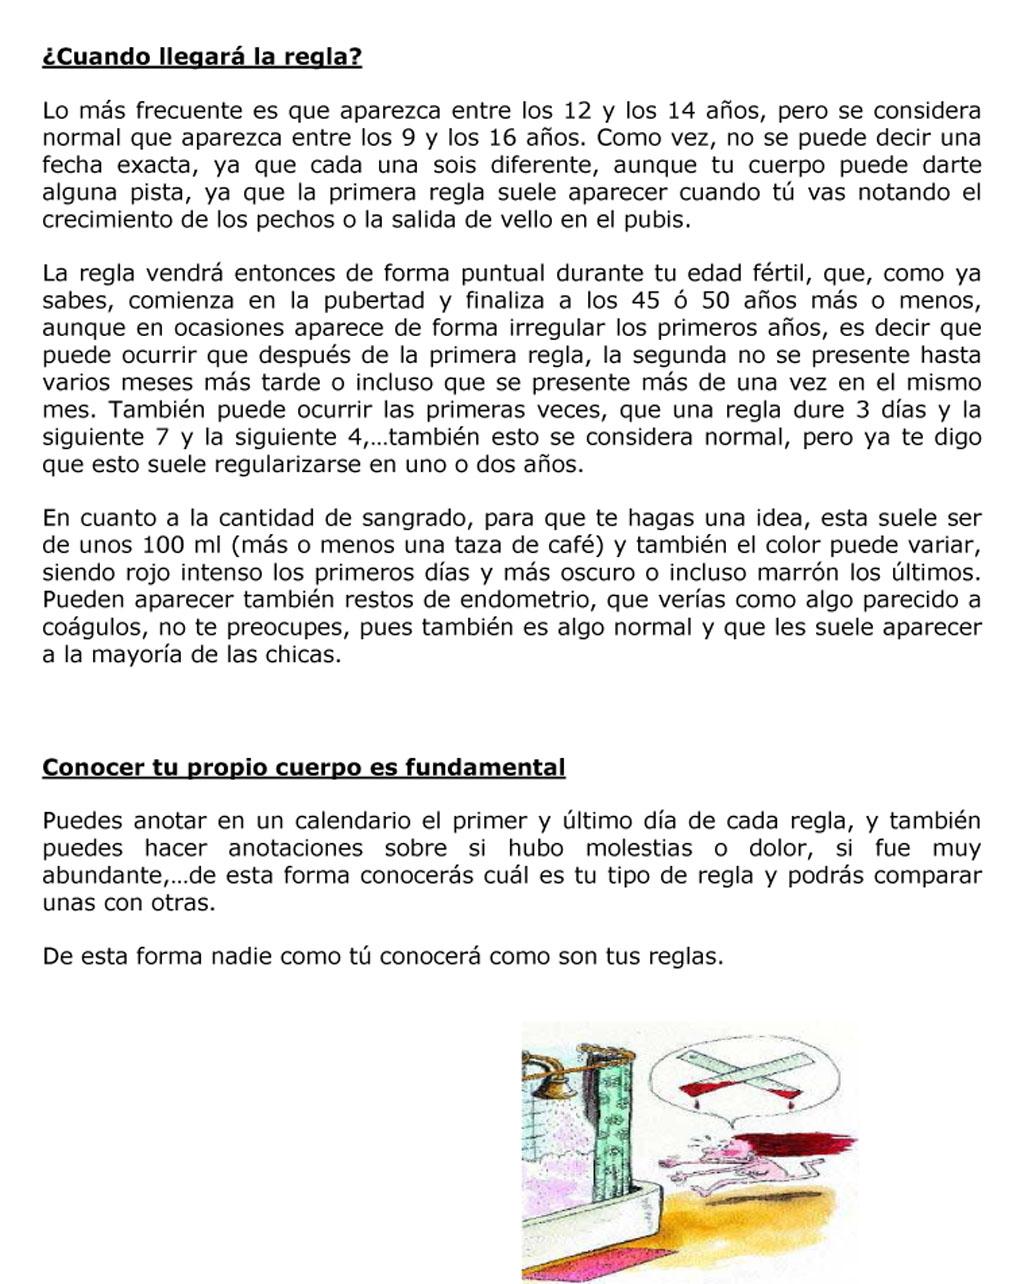 CICLO MENSTRUAL Y REGLA-3